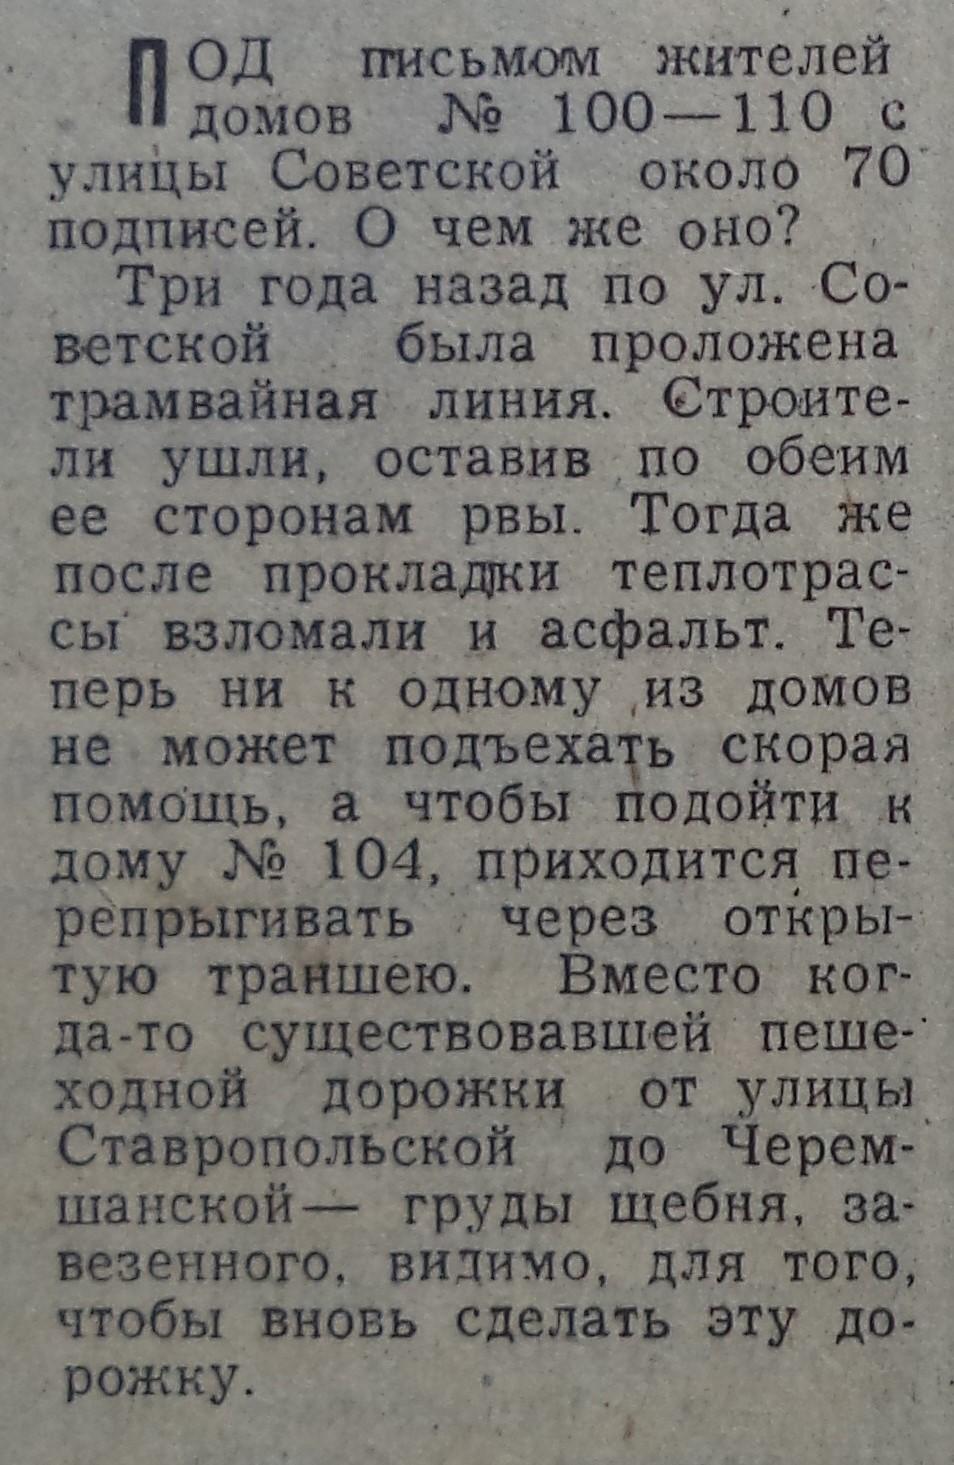 Советская-ФОТО-35-ВЗя-1982-05-18-неблаг-во по ул. Советской